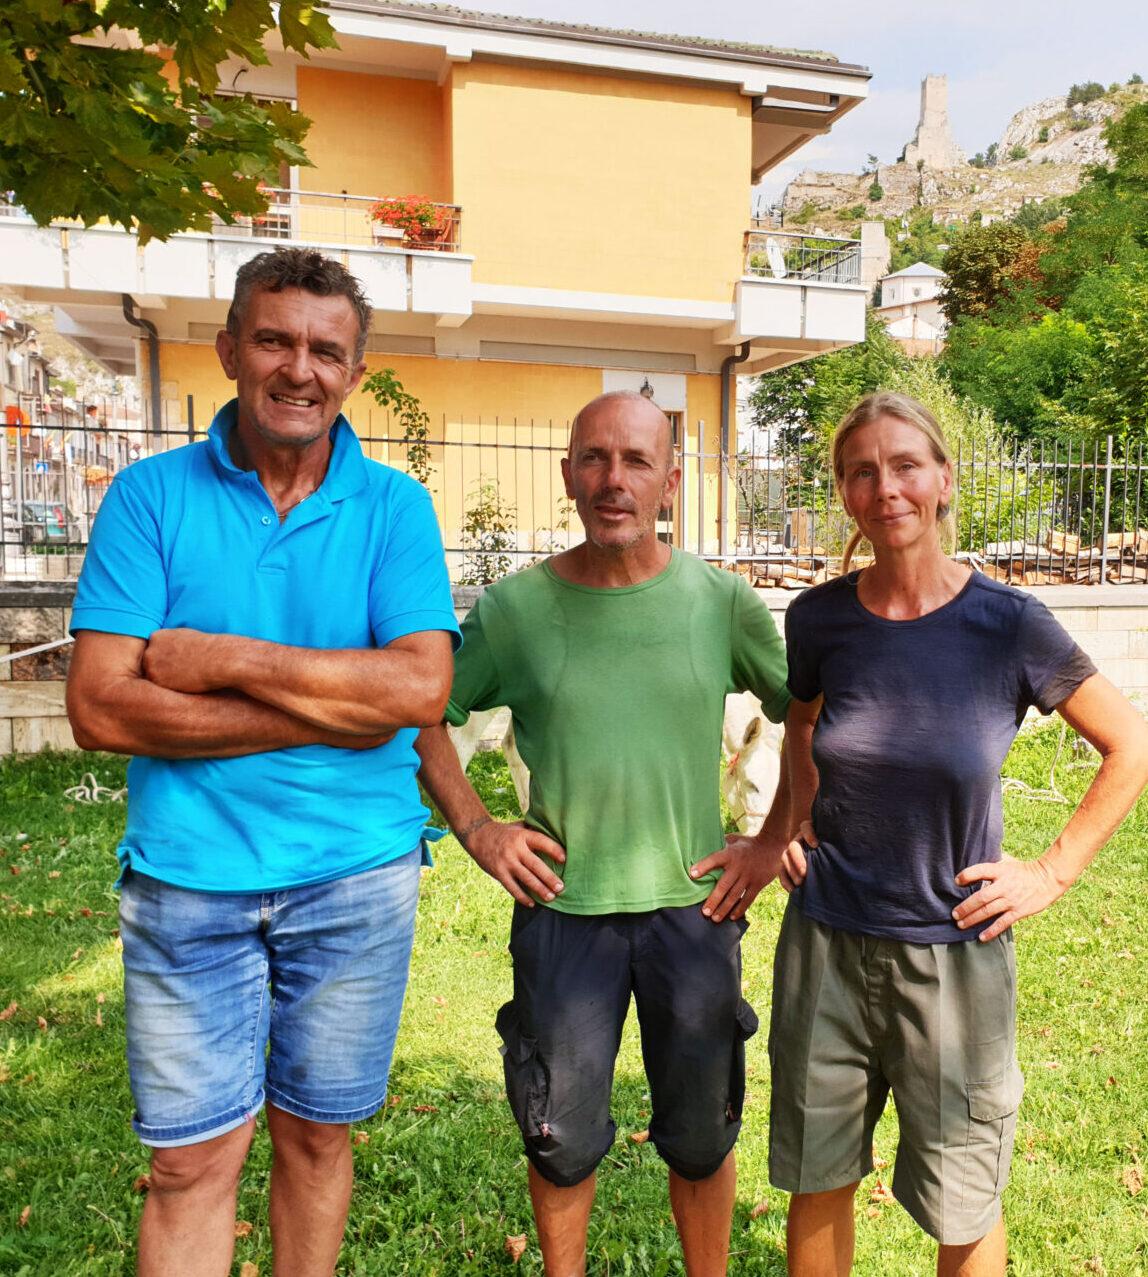 Coppia di sposi con due asinelli in cammino per L'italia, l'incontro con la Marsica